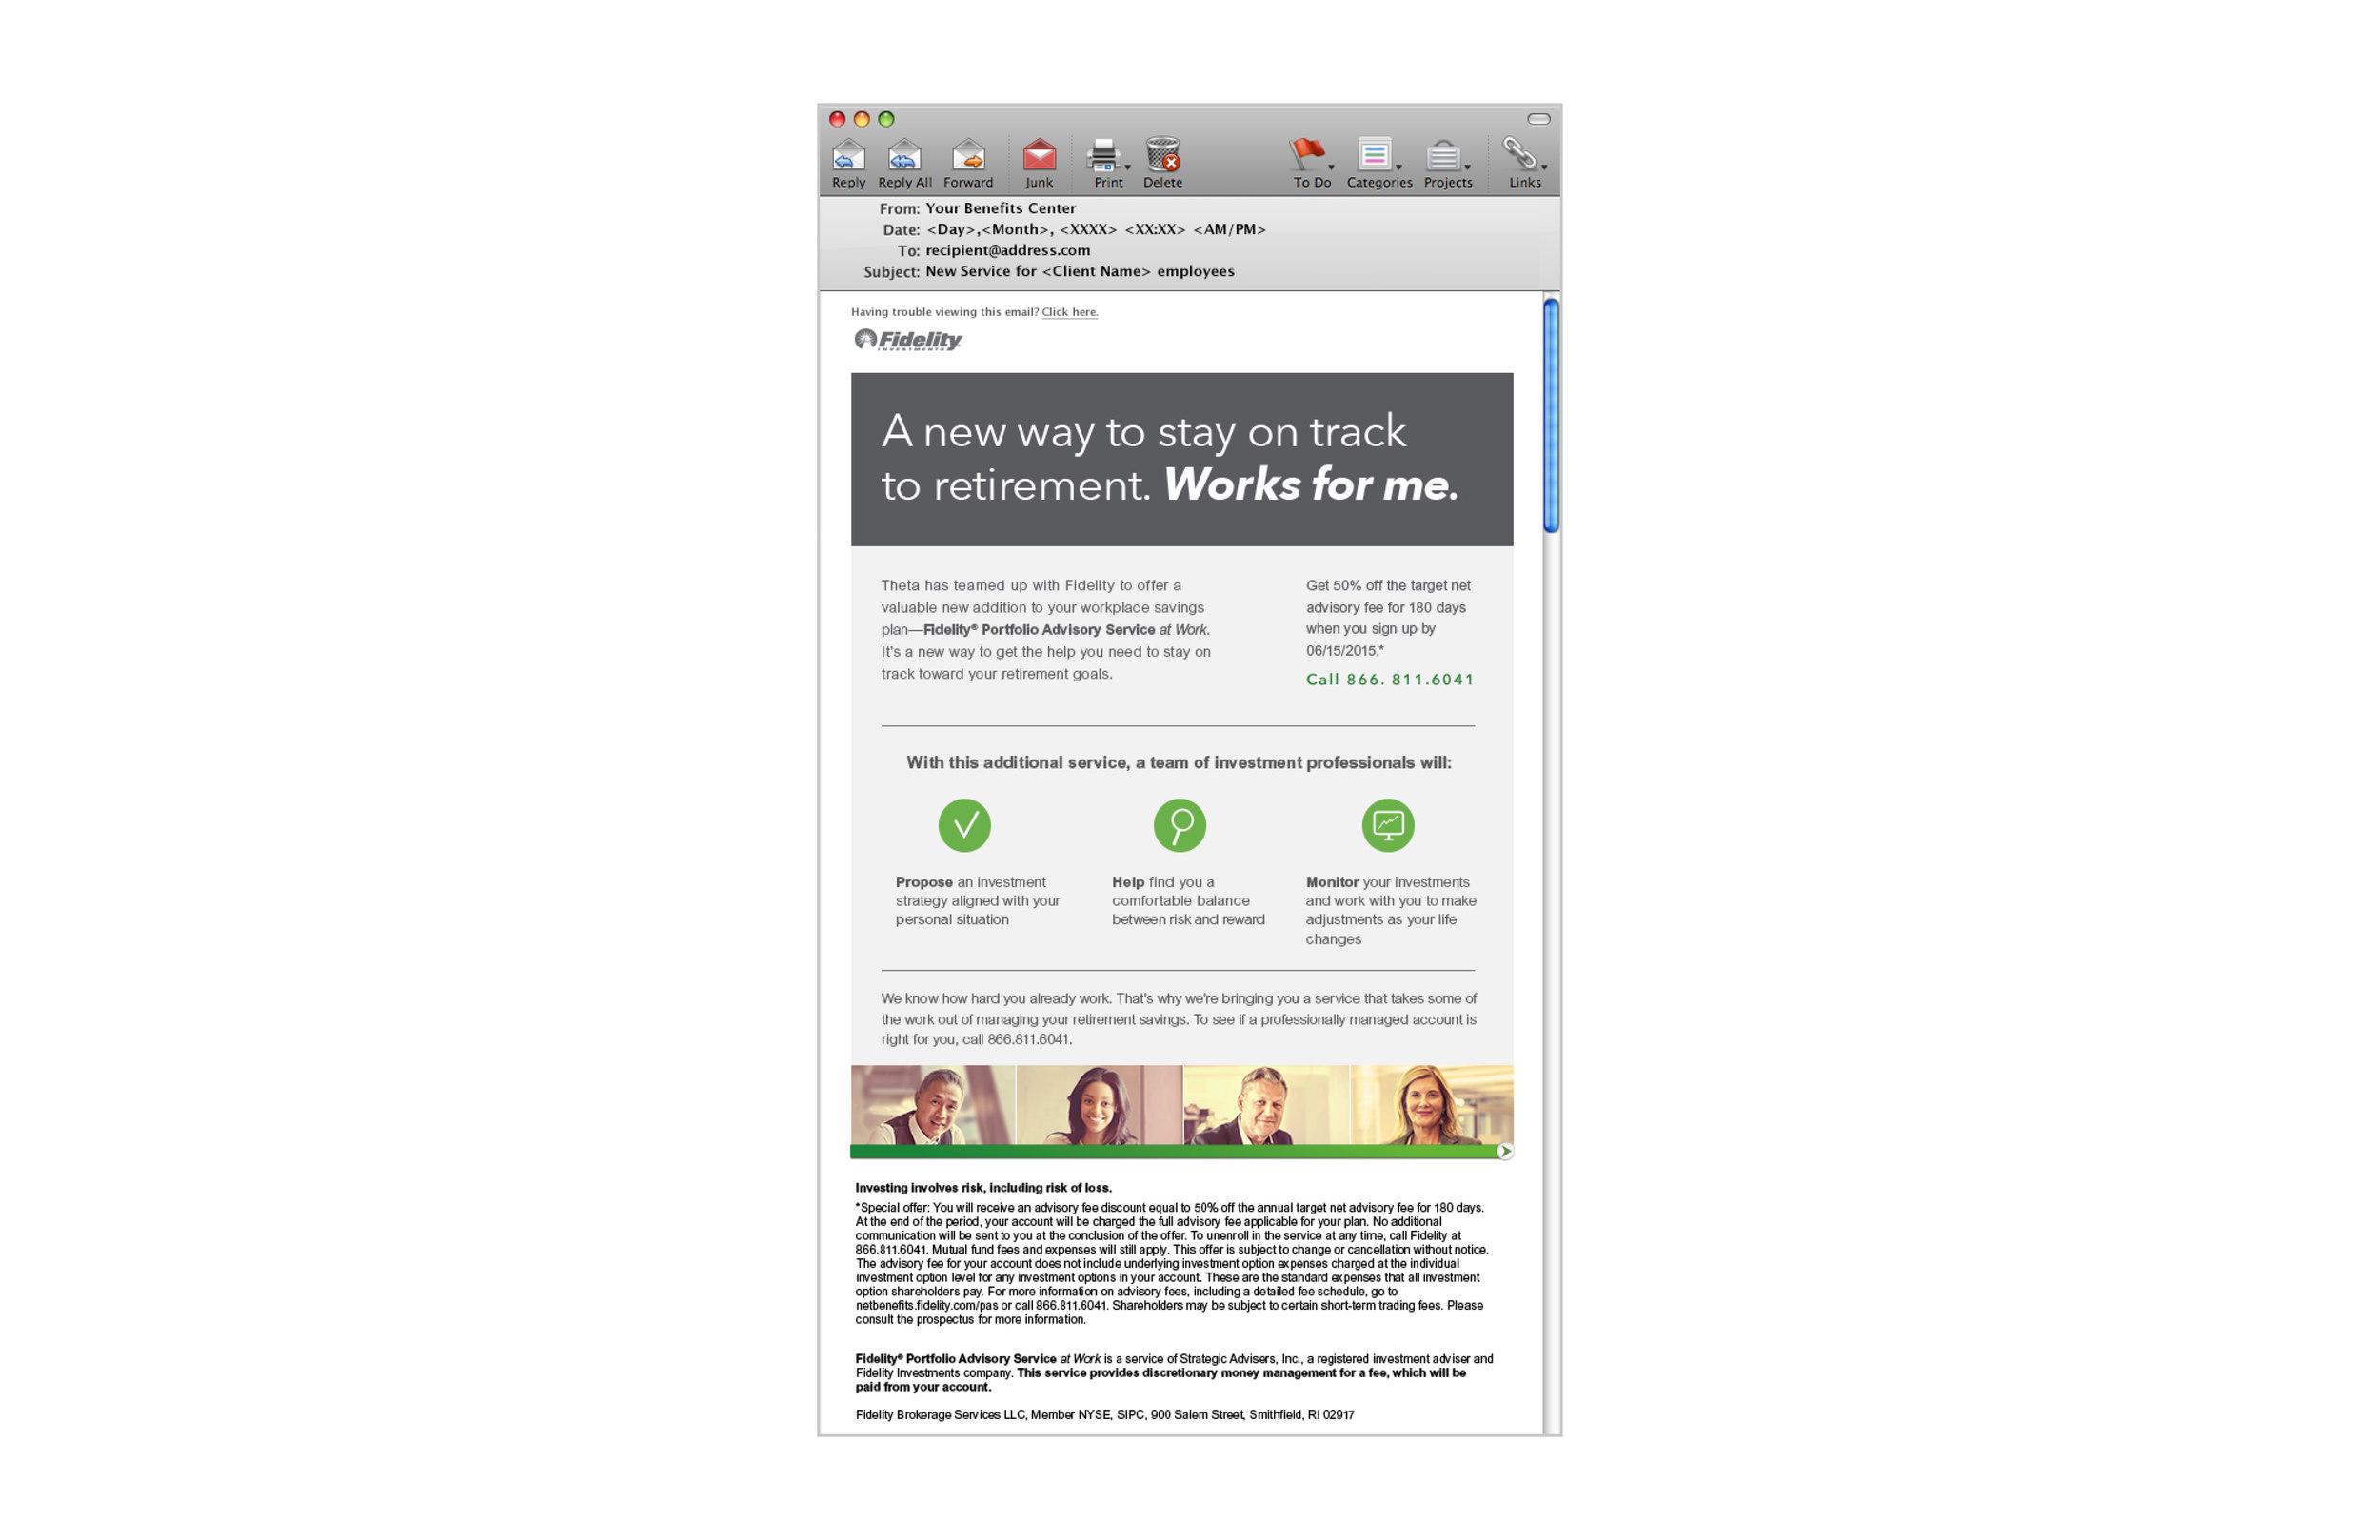 Fidelity_Page_4.jpg